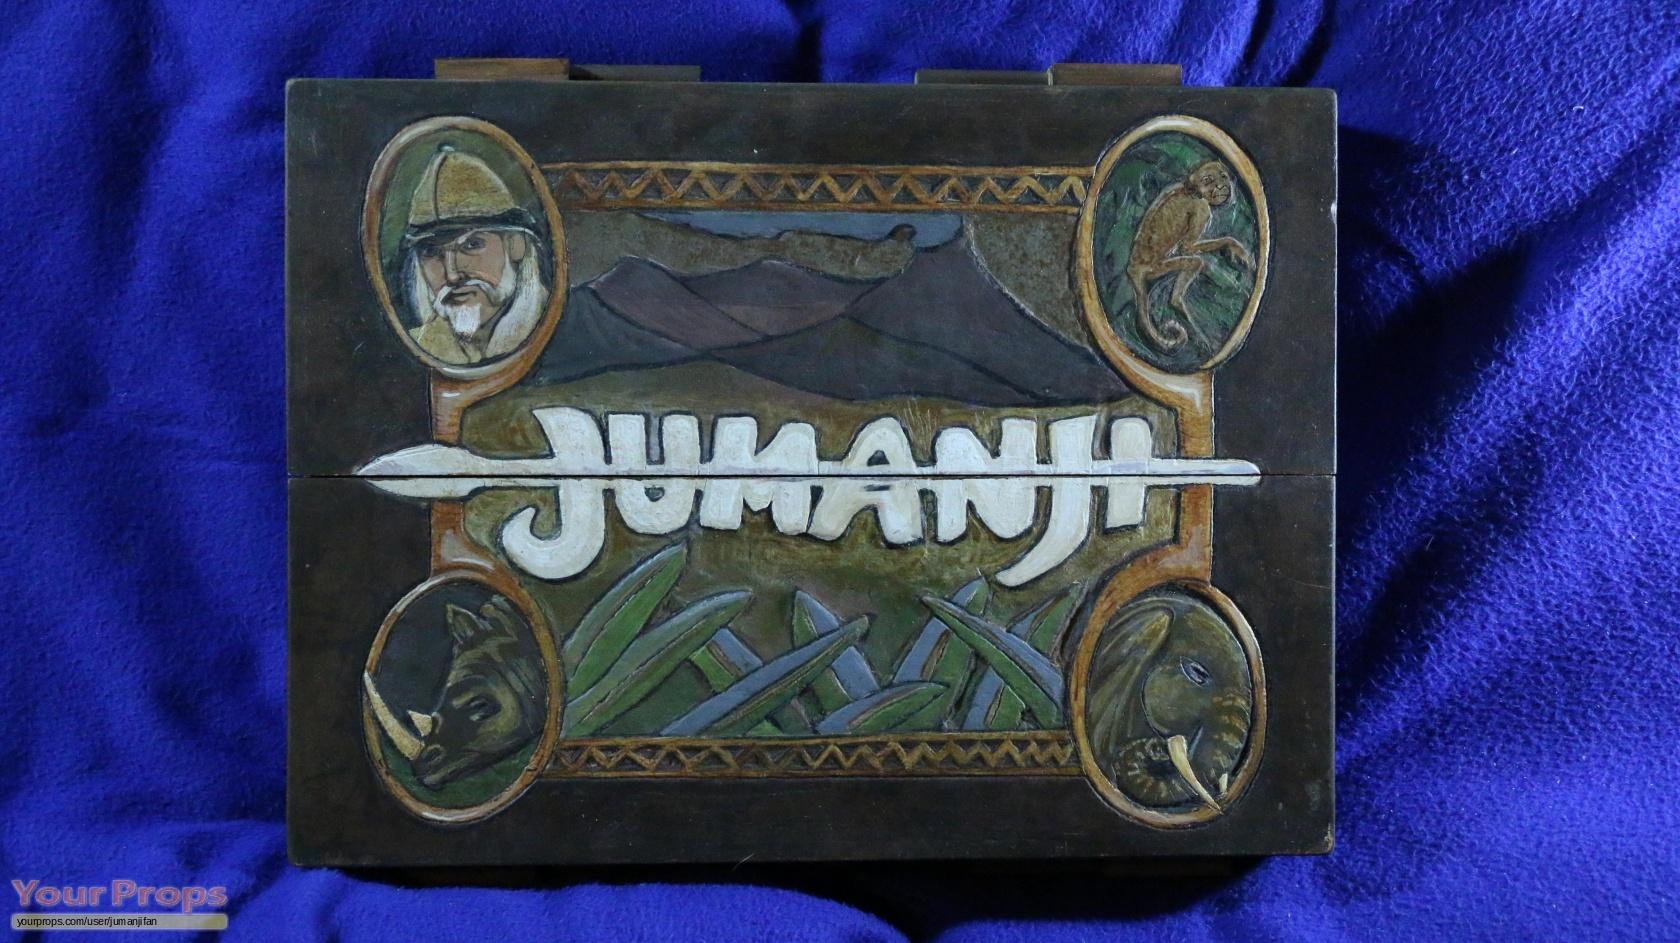 Jumanji Jumanji Game Board Replica replica movie prop